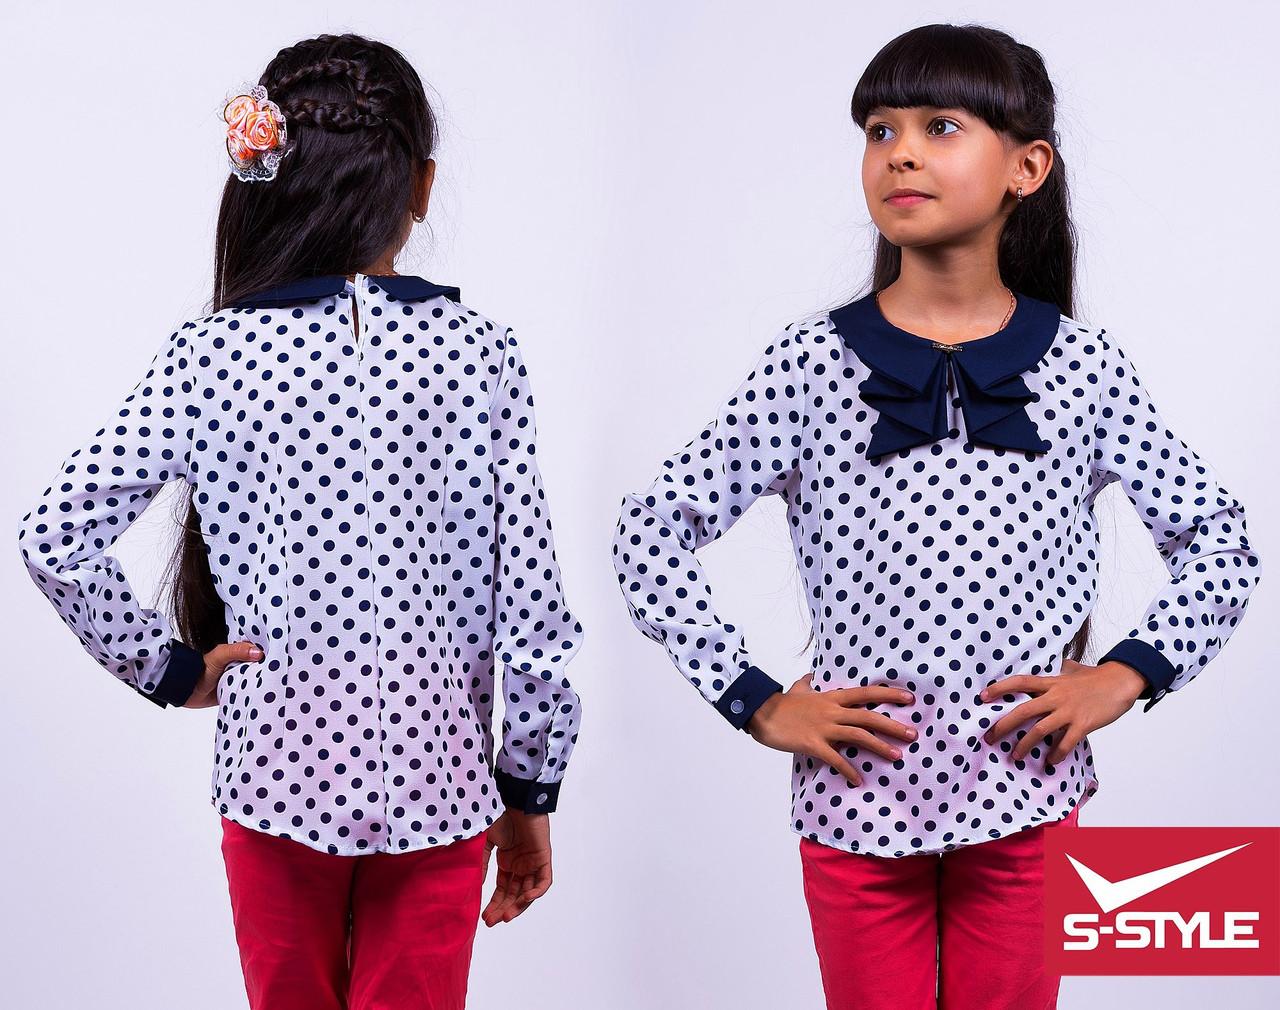 Блузка школьная Жабо креп-шифон Размеры: 30,32,34,36,38,40 Цвет:белая с отделкой в горох